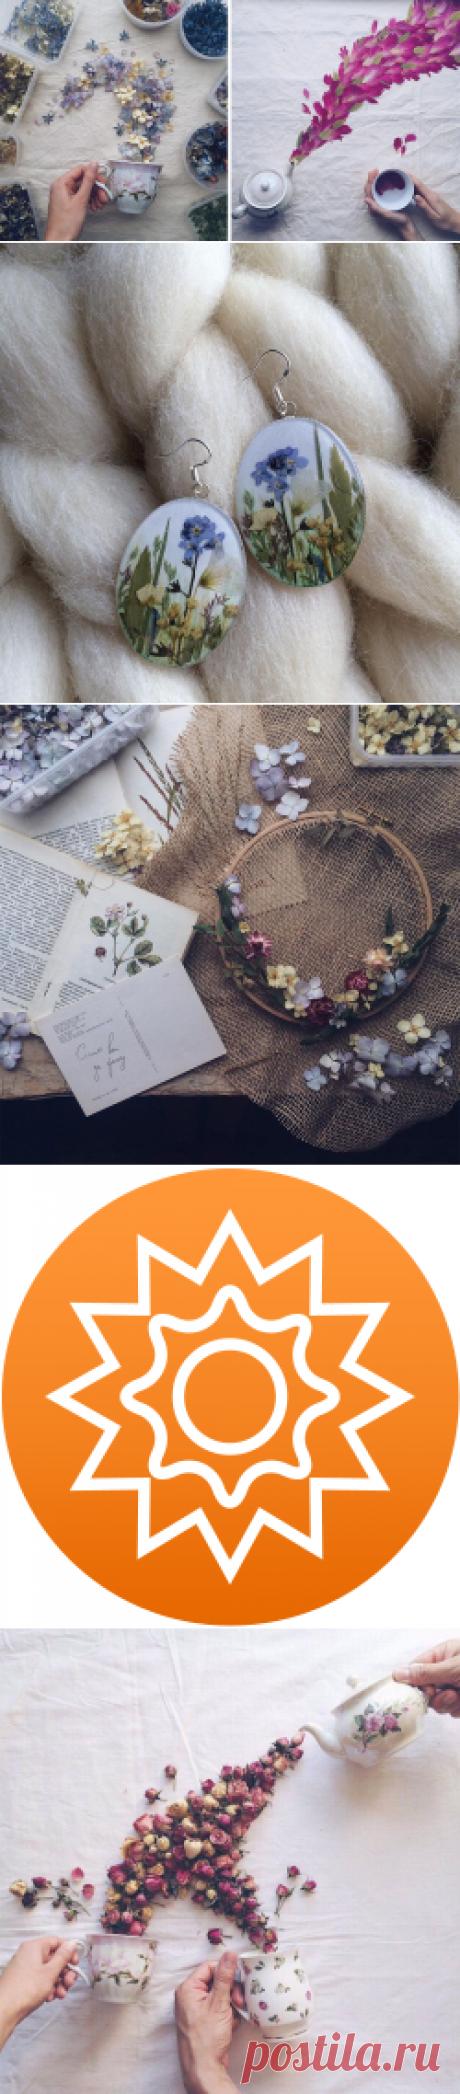 Как положить весну в шкатулку: цветочный рай Марины Малиновской - Ярмарка Мастеров - ручная работа, handmade